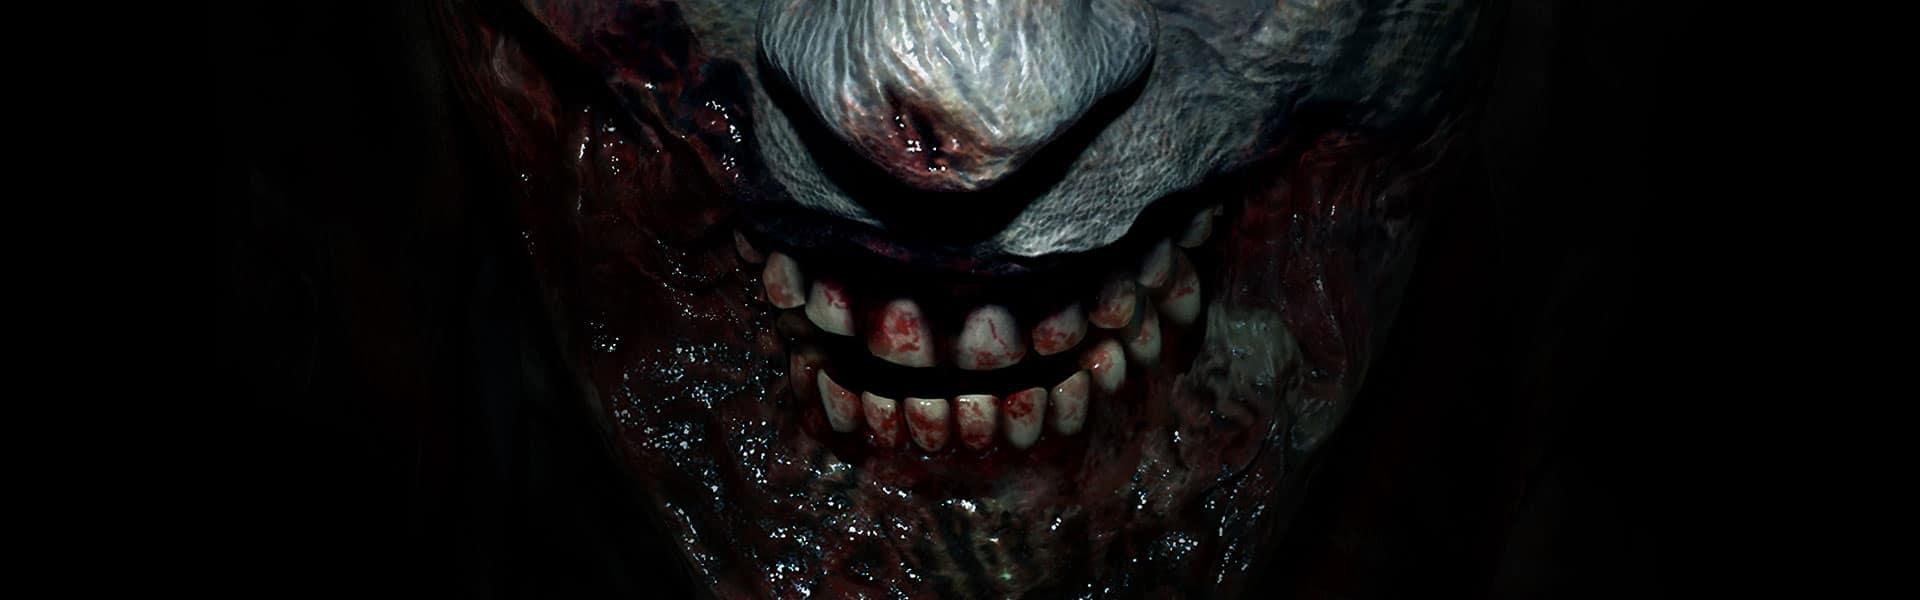 Resident Evil 2 Remake: Test